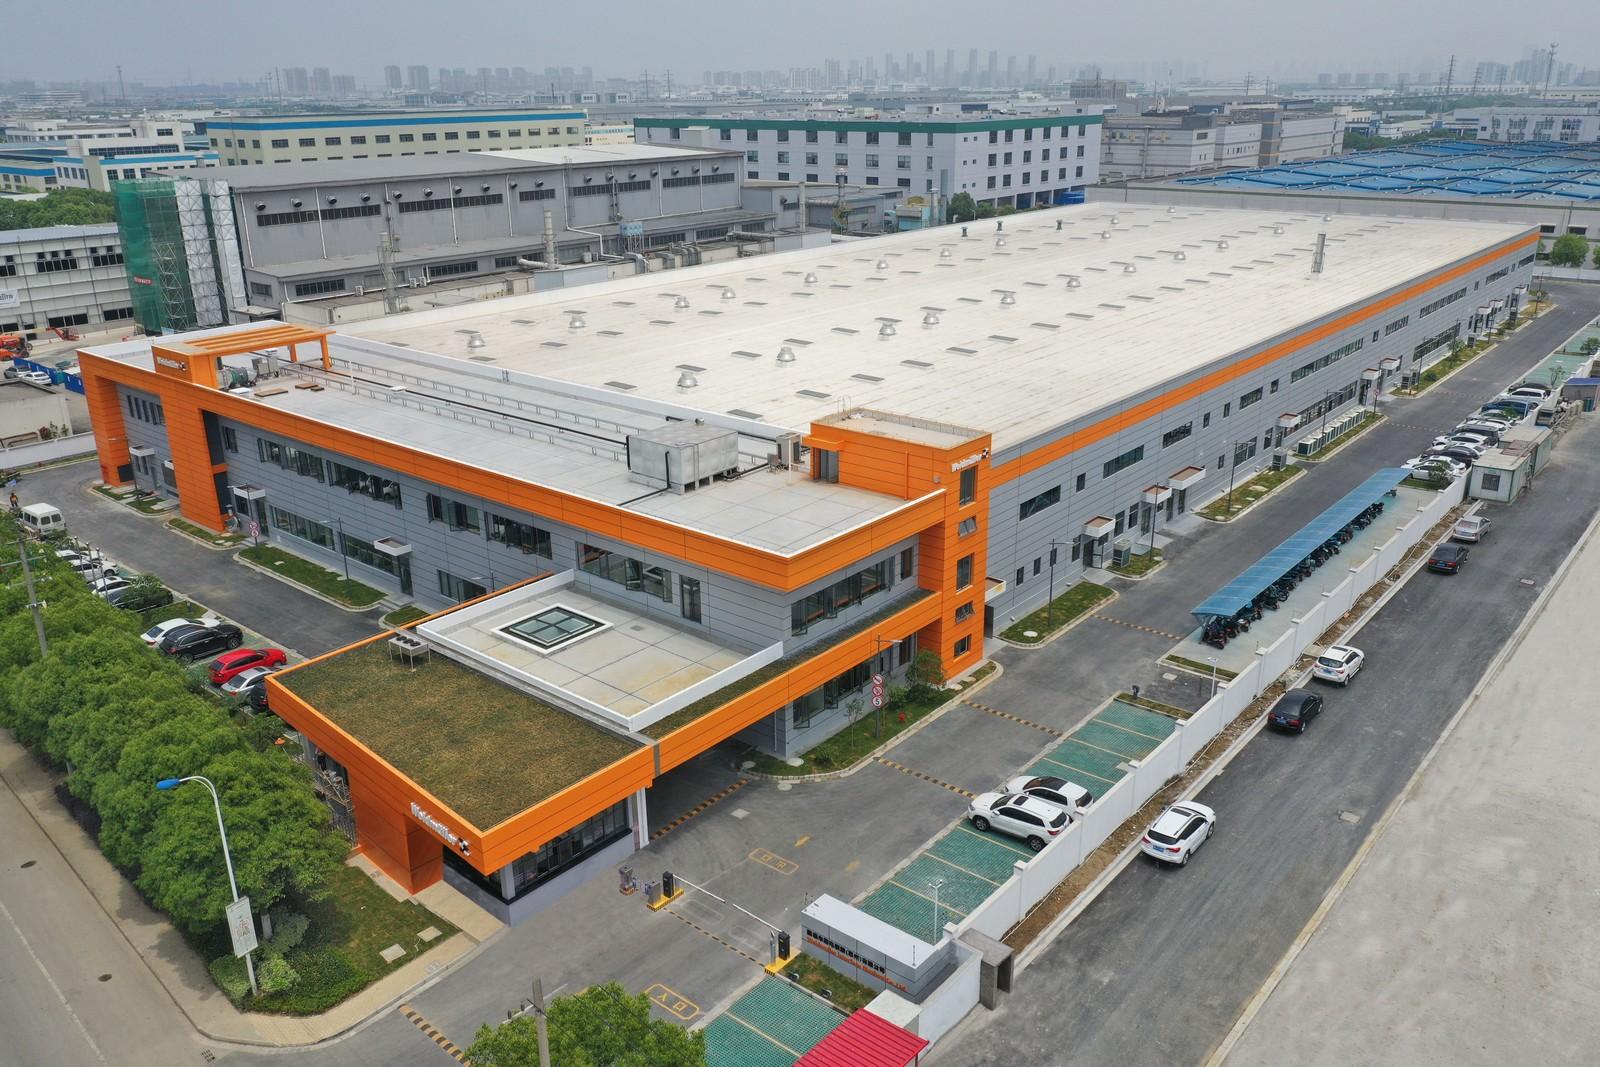 Glänzt im typischen Weidmüller Orange und bietet auf 14.000 Quadratmetern mehr Platz für die Produktion: Das neue Produktionsgebäude im chinesischen Suzhou.